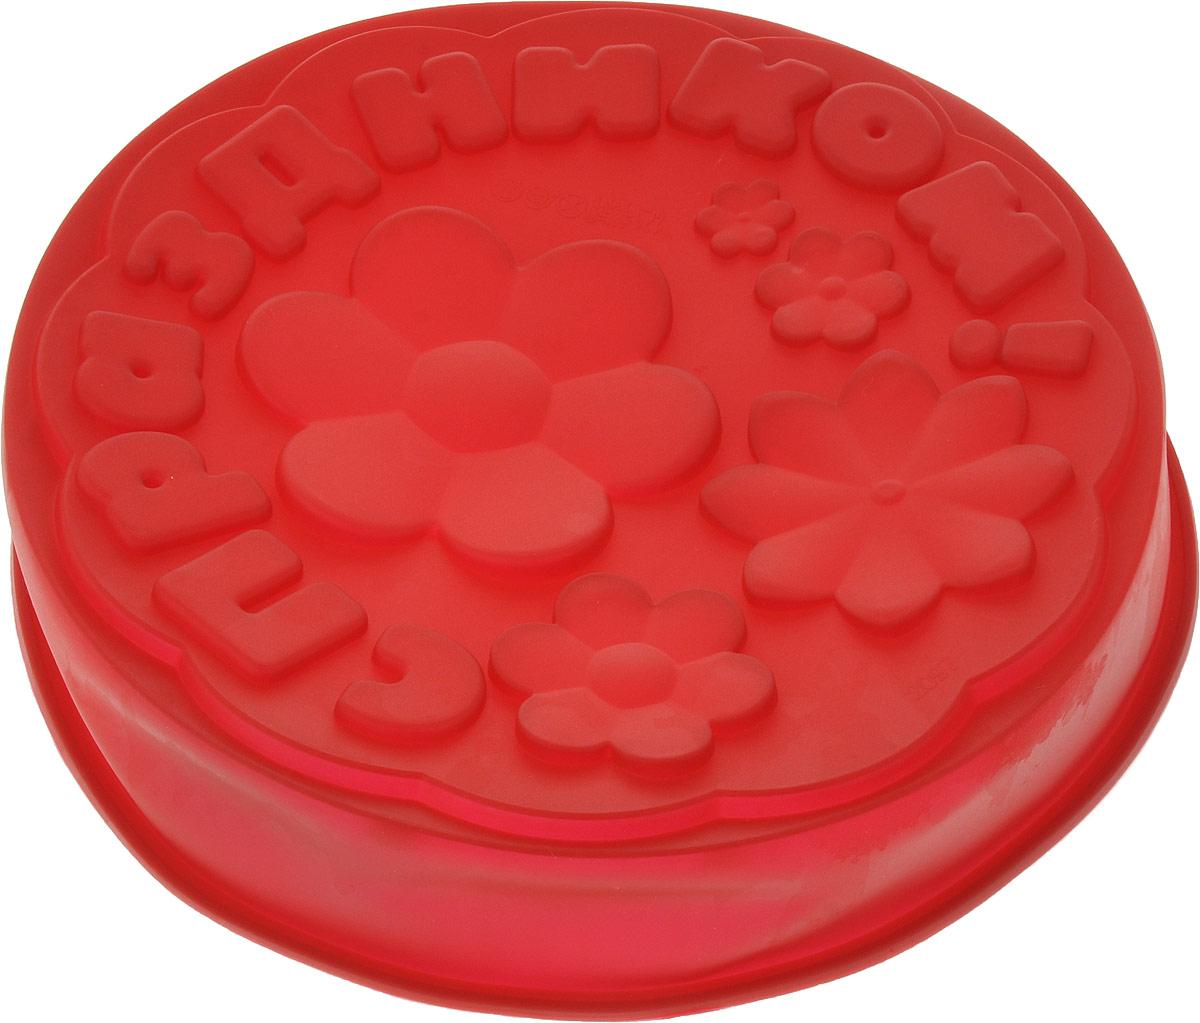 """Форма для выпечки Доляна """"С Праздником"""" из силикона - современное решение для практичных   и радушных хозяек. Оригинальный предмет позволяет готовить в духовке любимые блюда из   мяса, рыбы, птицы и овощей, а также вкуснейшую выпечку.   Особенности:  Блюдо   сохраняет нужную форму и легко отделяется от стенок после приготовления;  Высокая термостойкость (от -40 до 230 С) позволяет применять форму в духовых шкафах и   морозильных камерах;  Небольшая масса делает эксплуатацию предмета простой даже для хрупкой женщины;  Силикон пригоден для посудомоечных машин;  Высокопрочный материал делает форму долговечным инструментом;  При хранении предмет занимает мало места.  Перед первым применением промойте предмет теплой водой.  В процессе приготовления используйте кухонный инструмент из дерева, пластика или силикона.  Перед извлечением блюда из силиконовой формы дайте ему немного остыть, осторожно   отогните края предмета.  Готовьте с удовольствием!       Как выбрать форму для выпечки – статья на OZON Гид."""